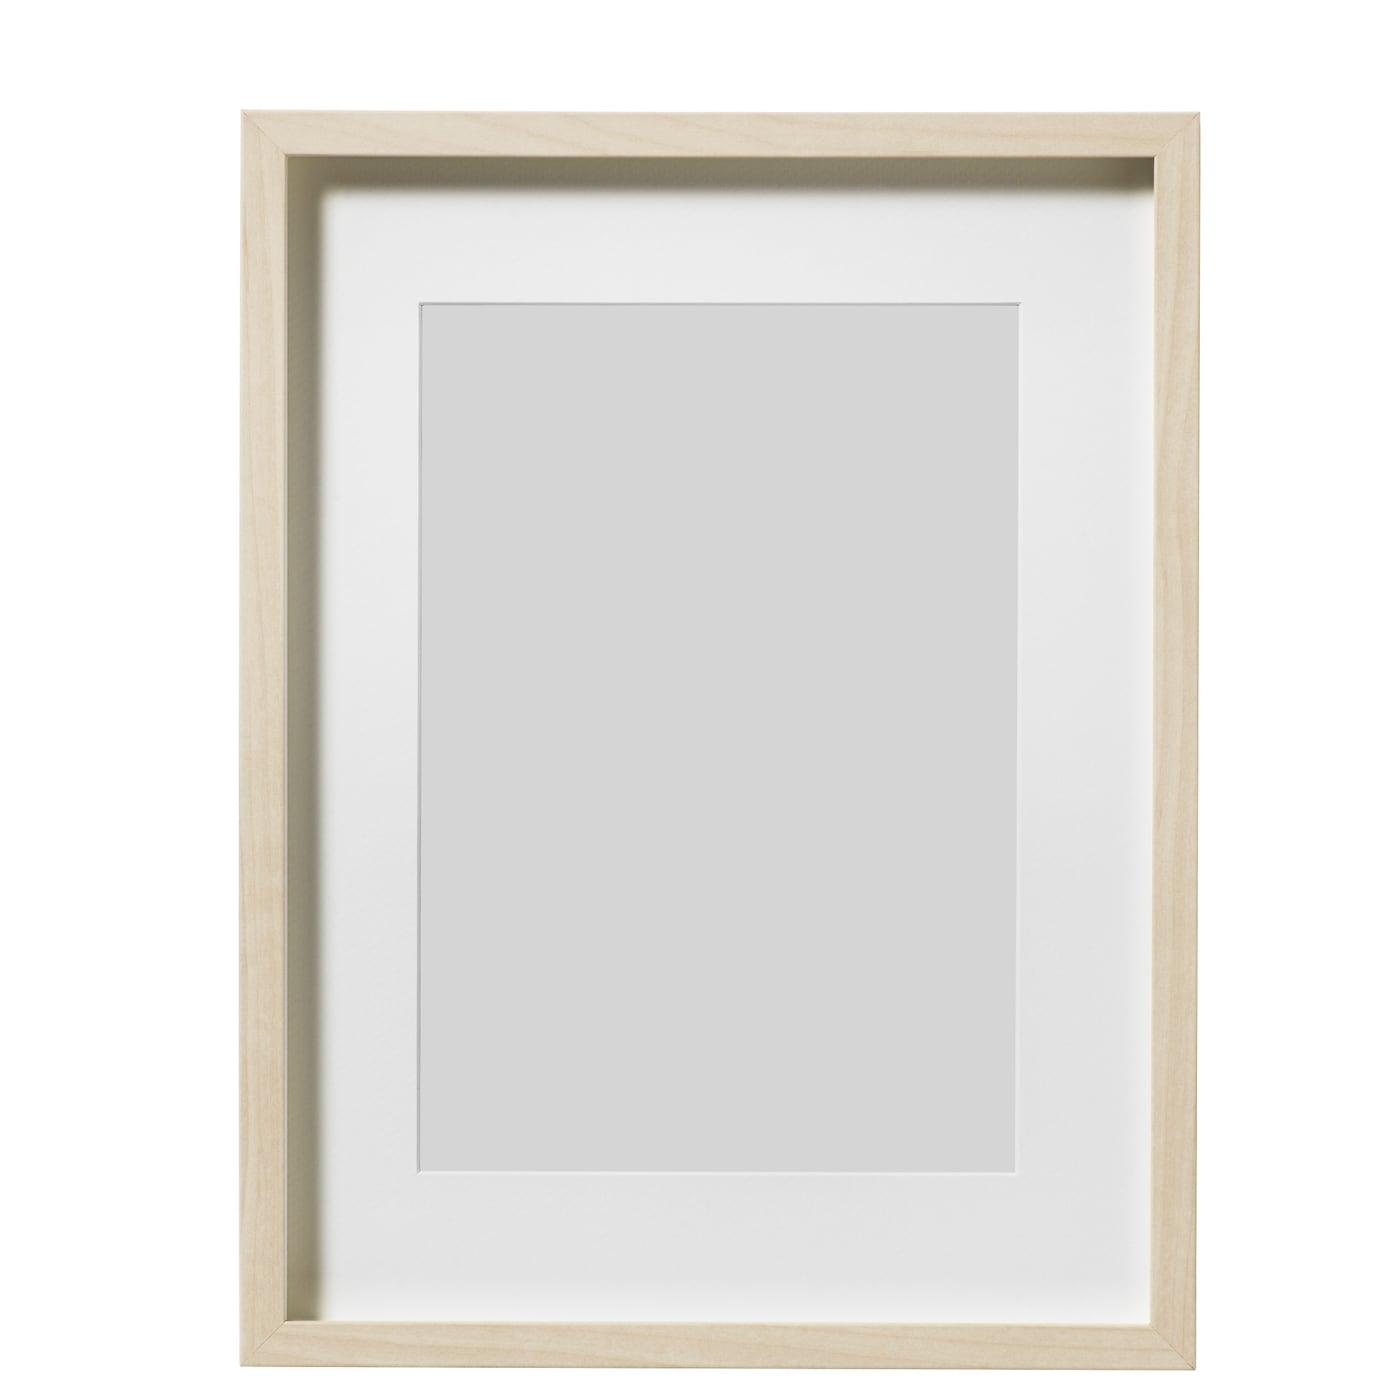 hovsta frame birch 30x40 cm ikea. Black Bedroom Furniture Sets. Home Design Ideas